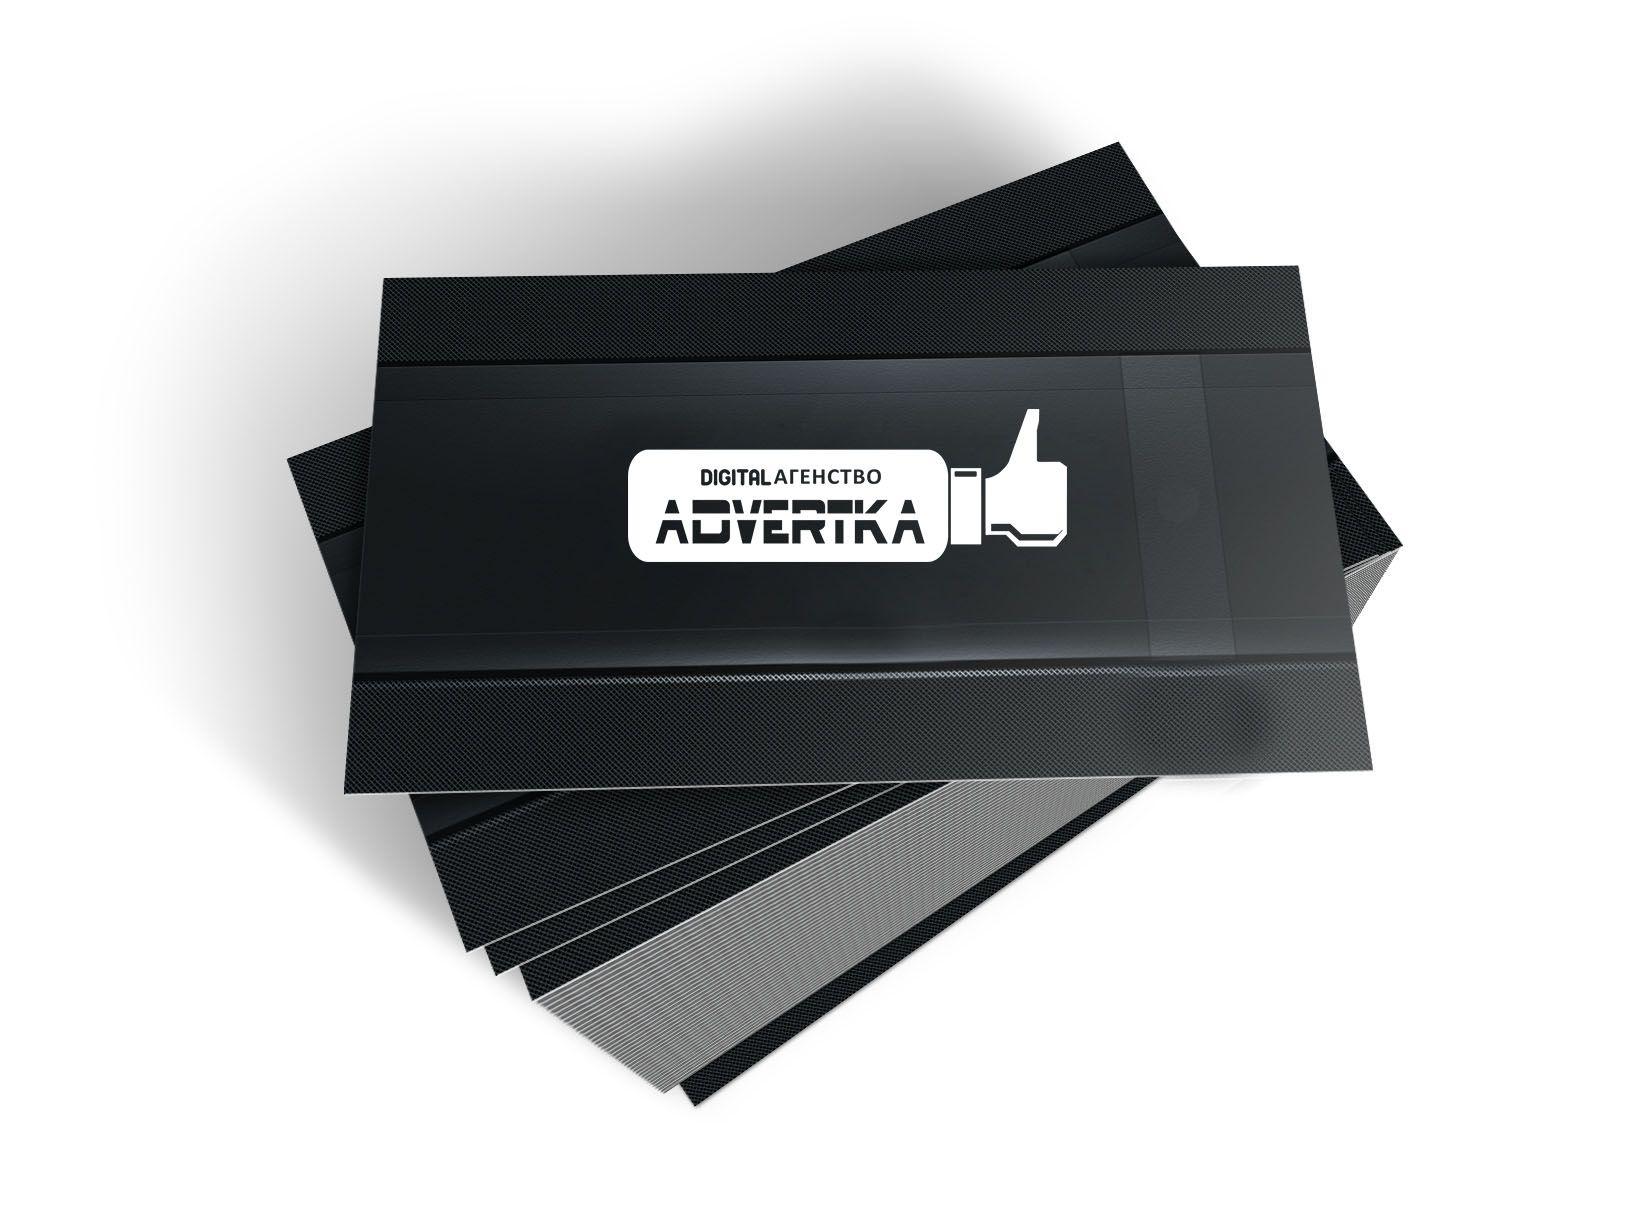 логотип для интернет агентства ADvertka - дизайнер khanman